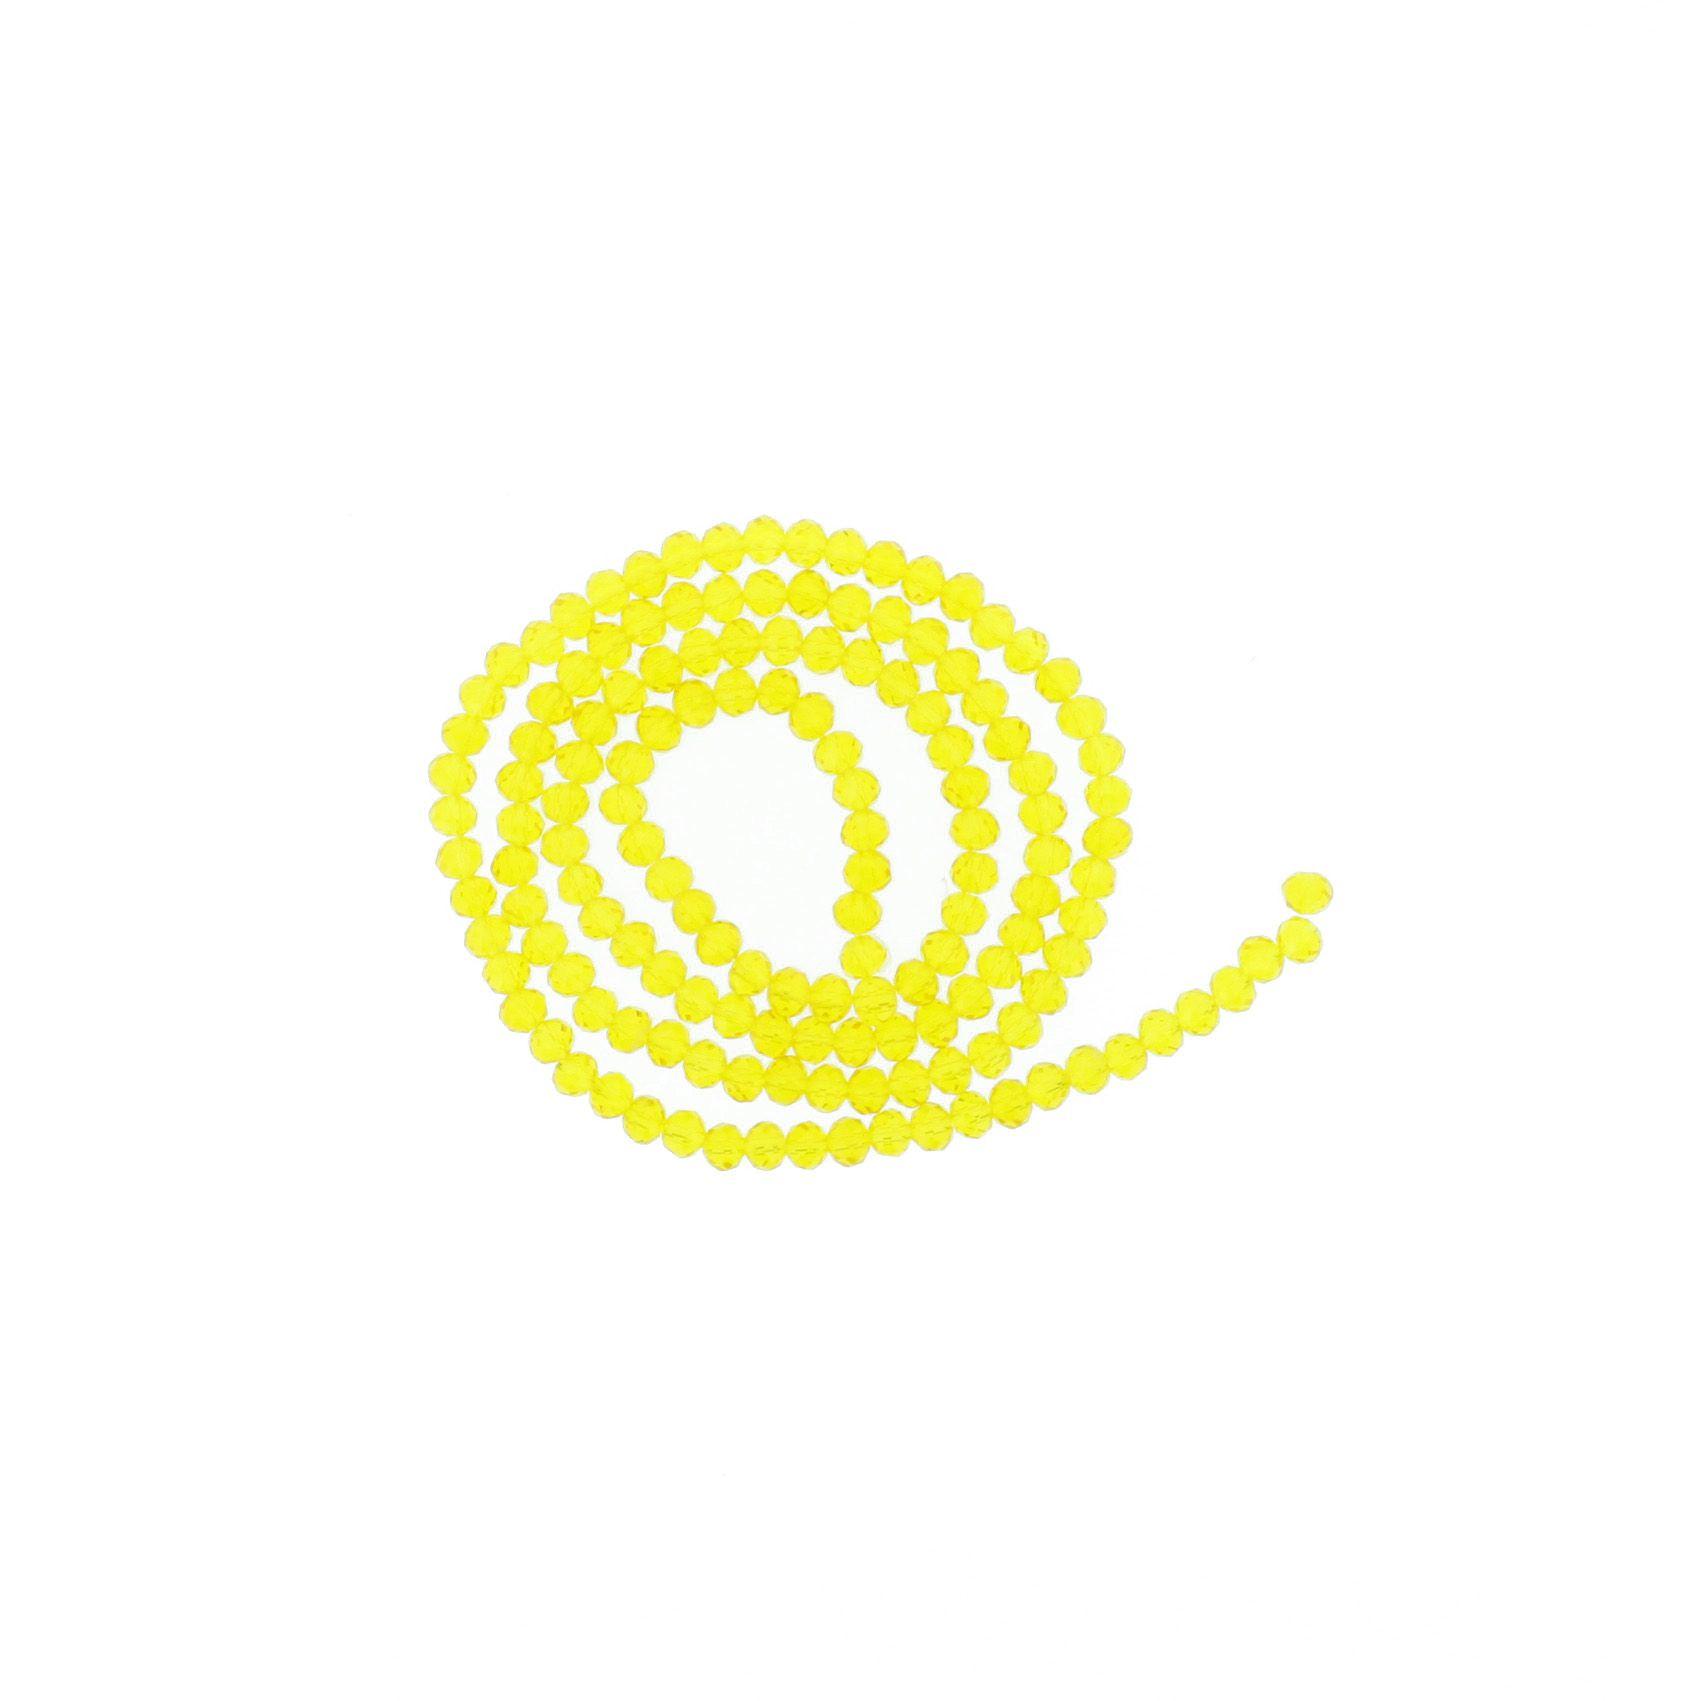 Fio de Cristal - Flat® - Amarelo Transparente - 4mm  - Stéphanie Bijoux® - Peças para Bijuterias e Artesanato